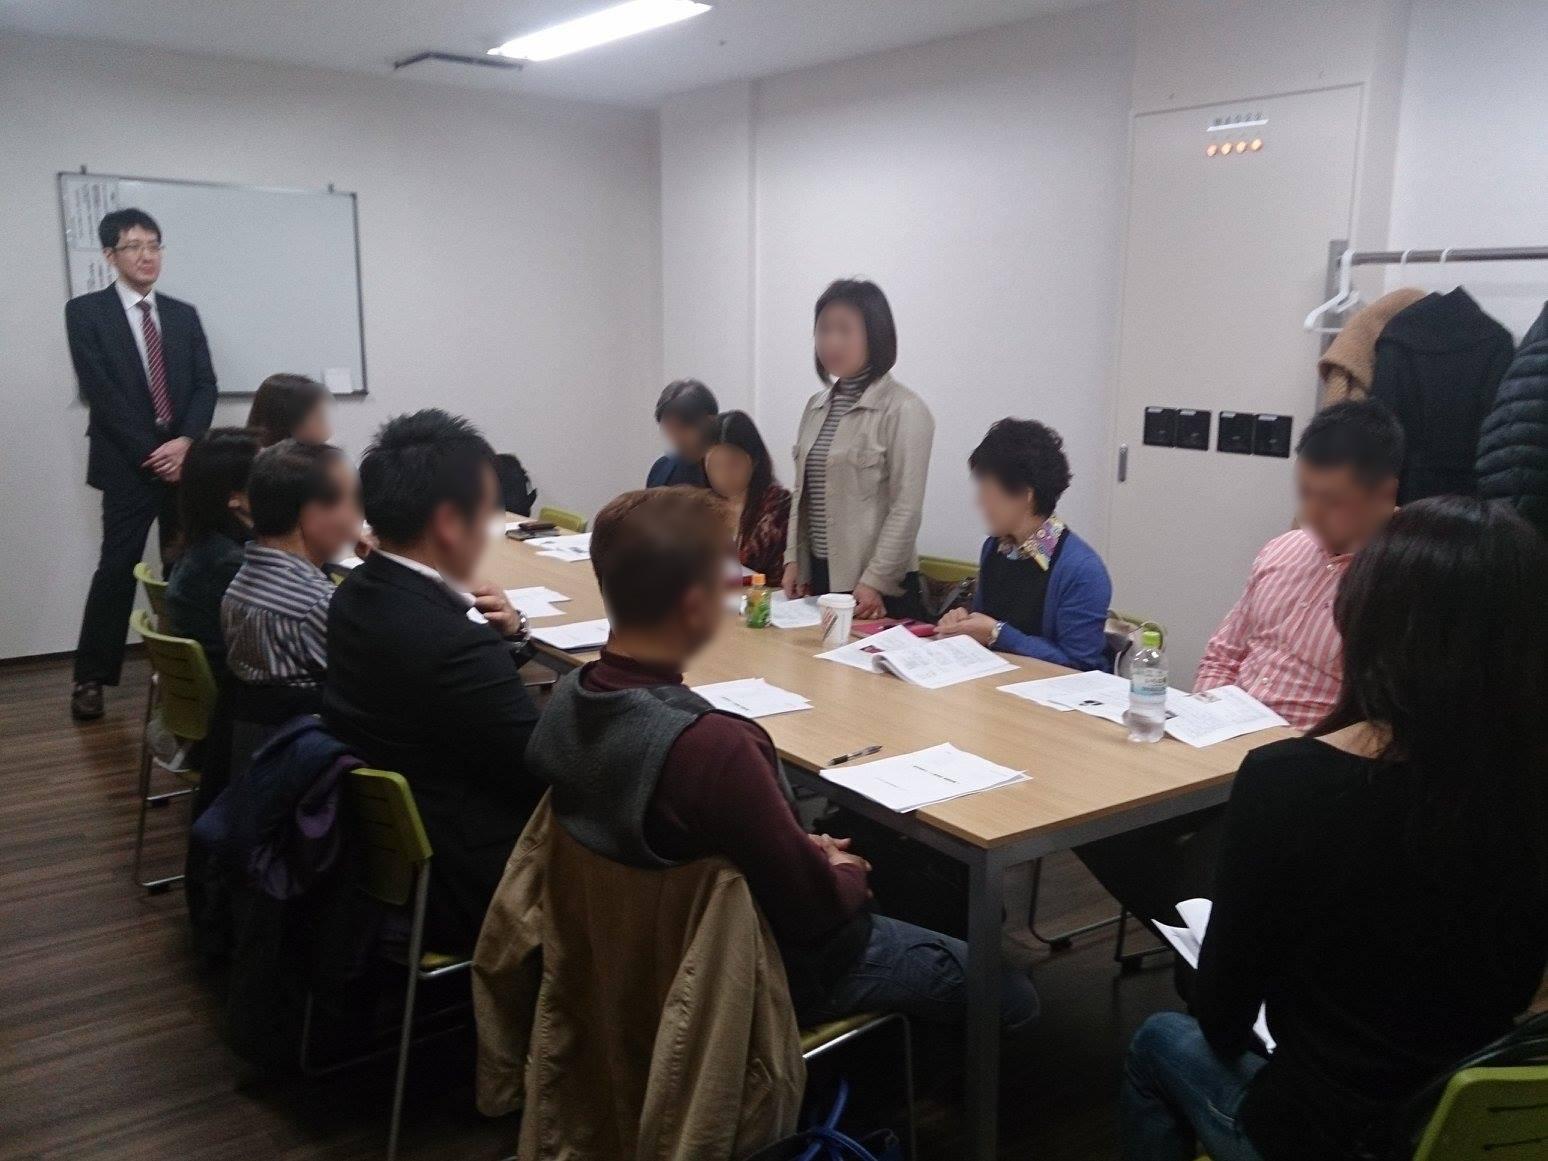 横浜オフィス・ビジネス利用個室施設